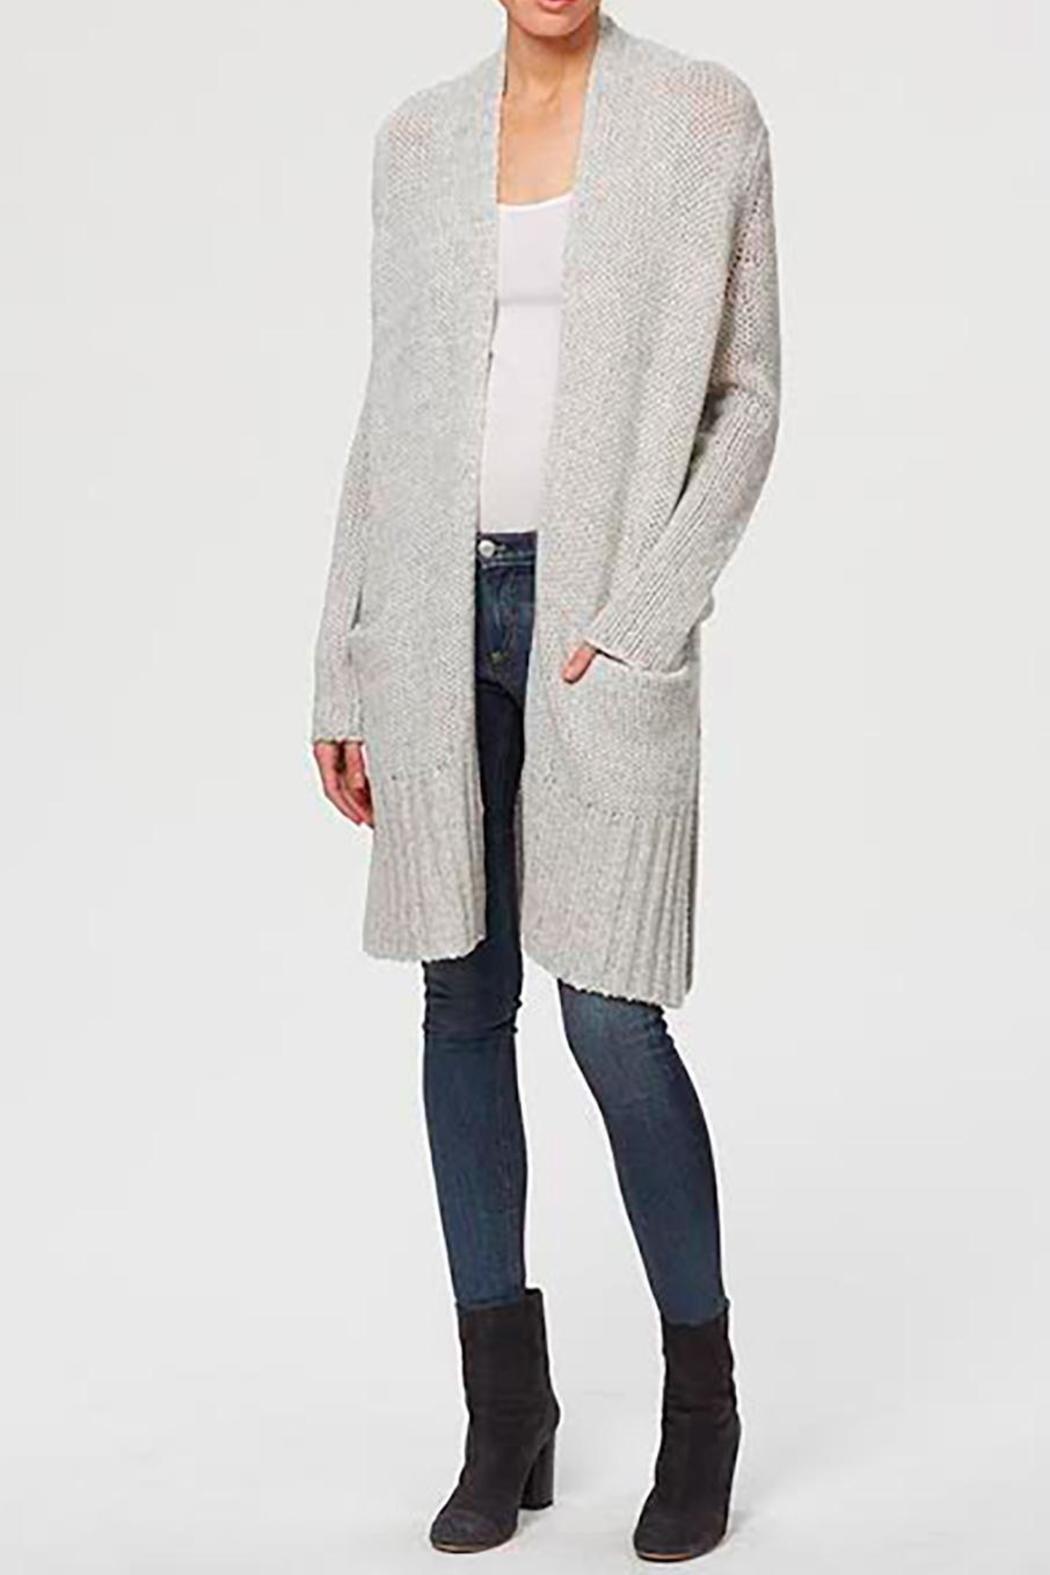 360 Cashmere Astrid Cashmere Sweater   Cashmere sweaters, Long ...